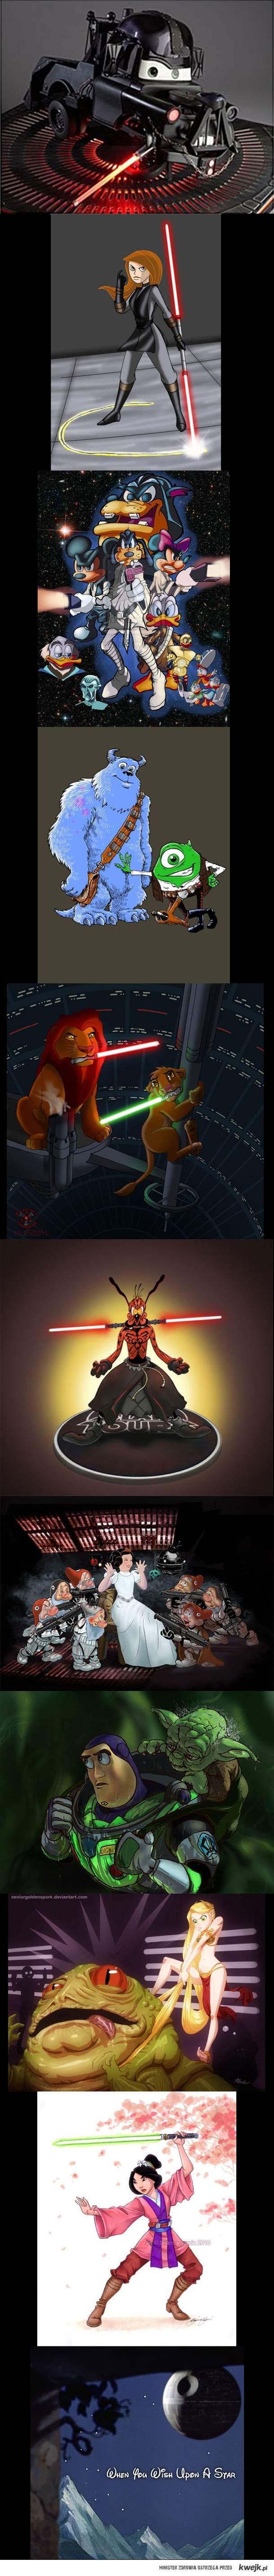 Gwiezdne wojny Disneya